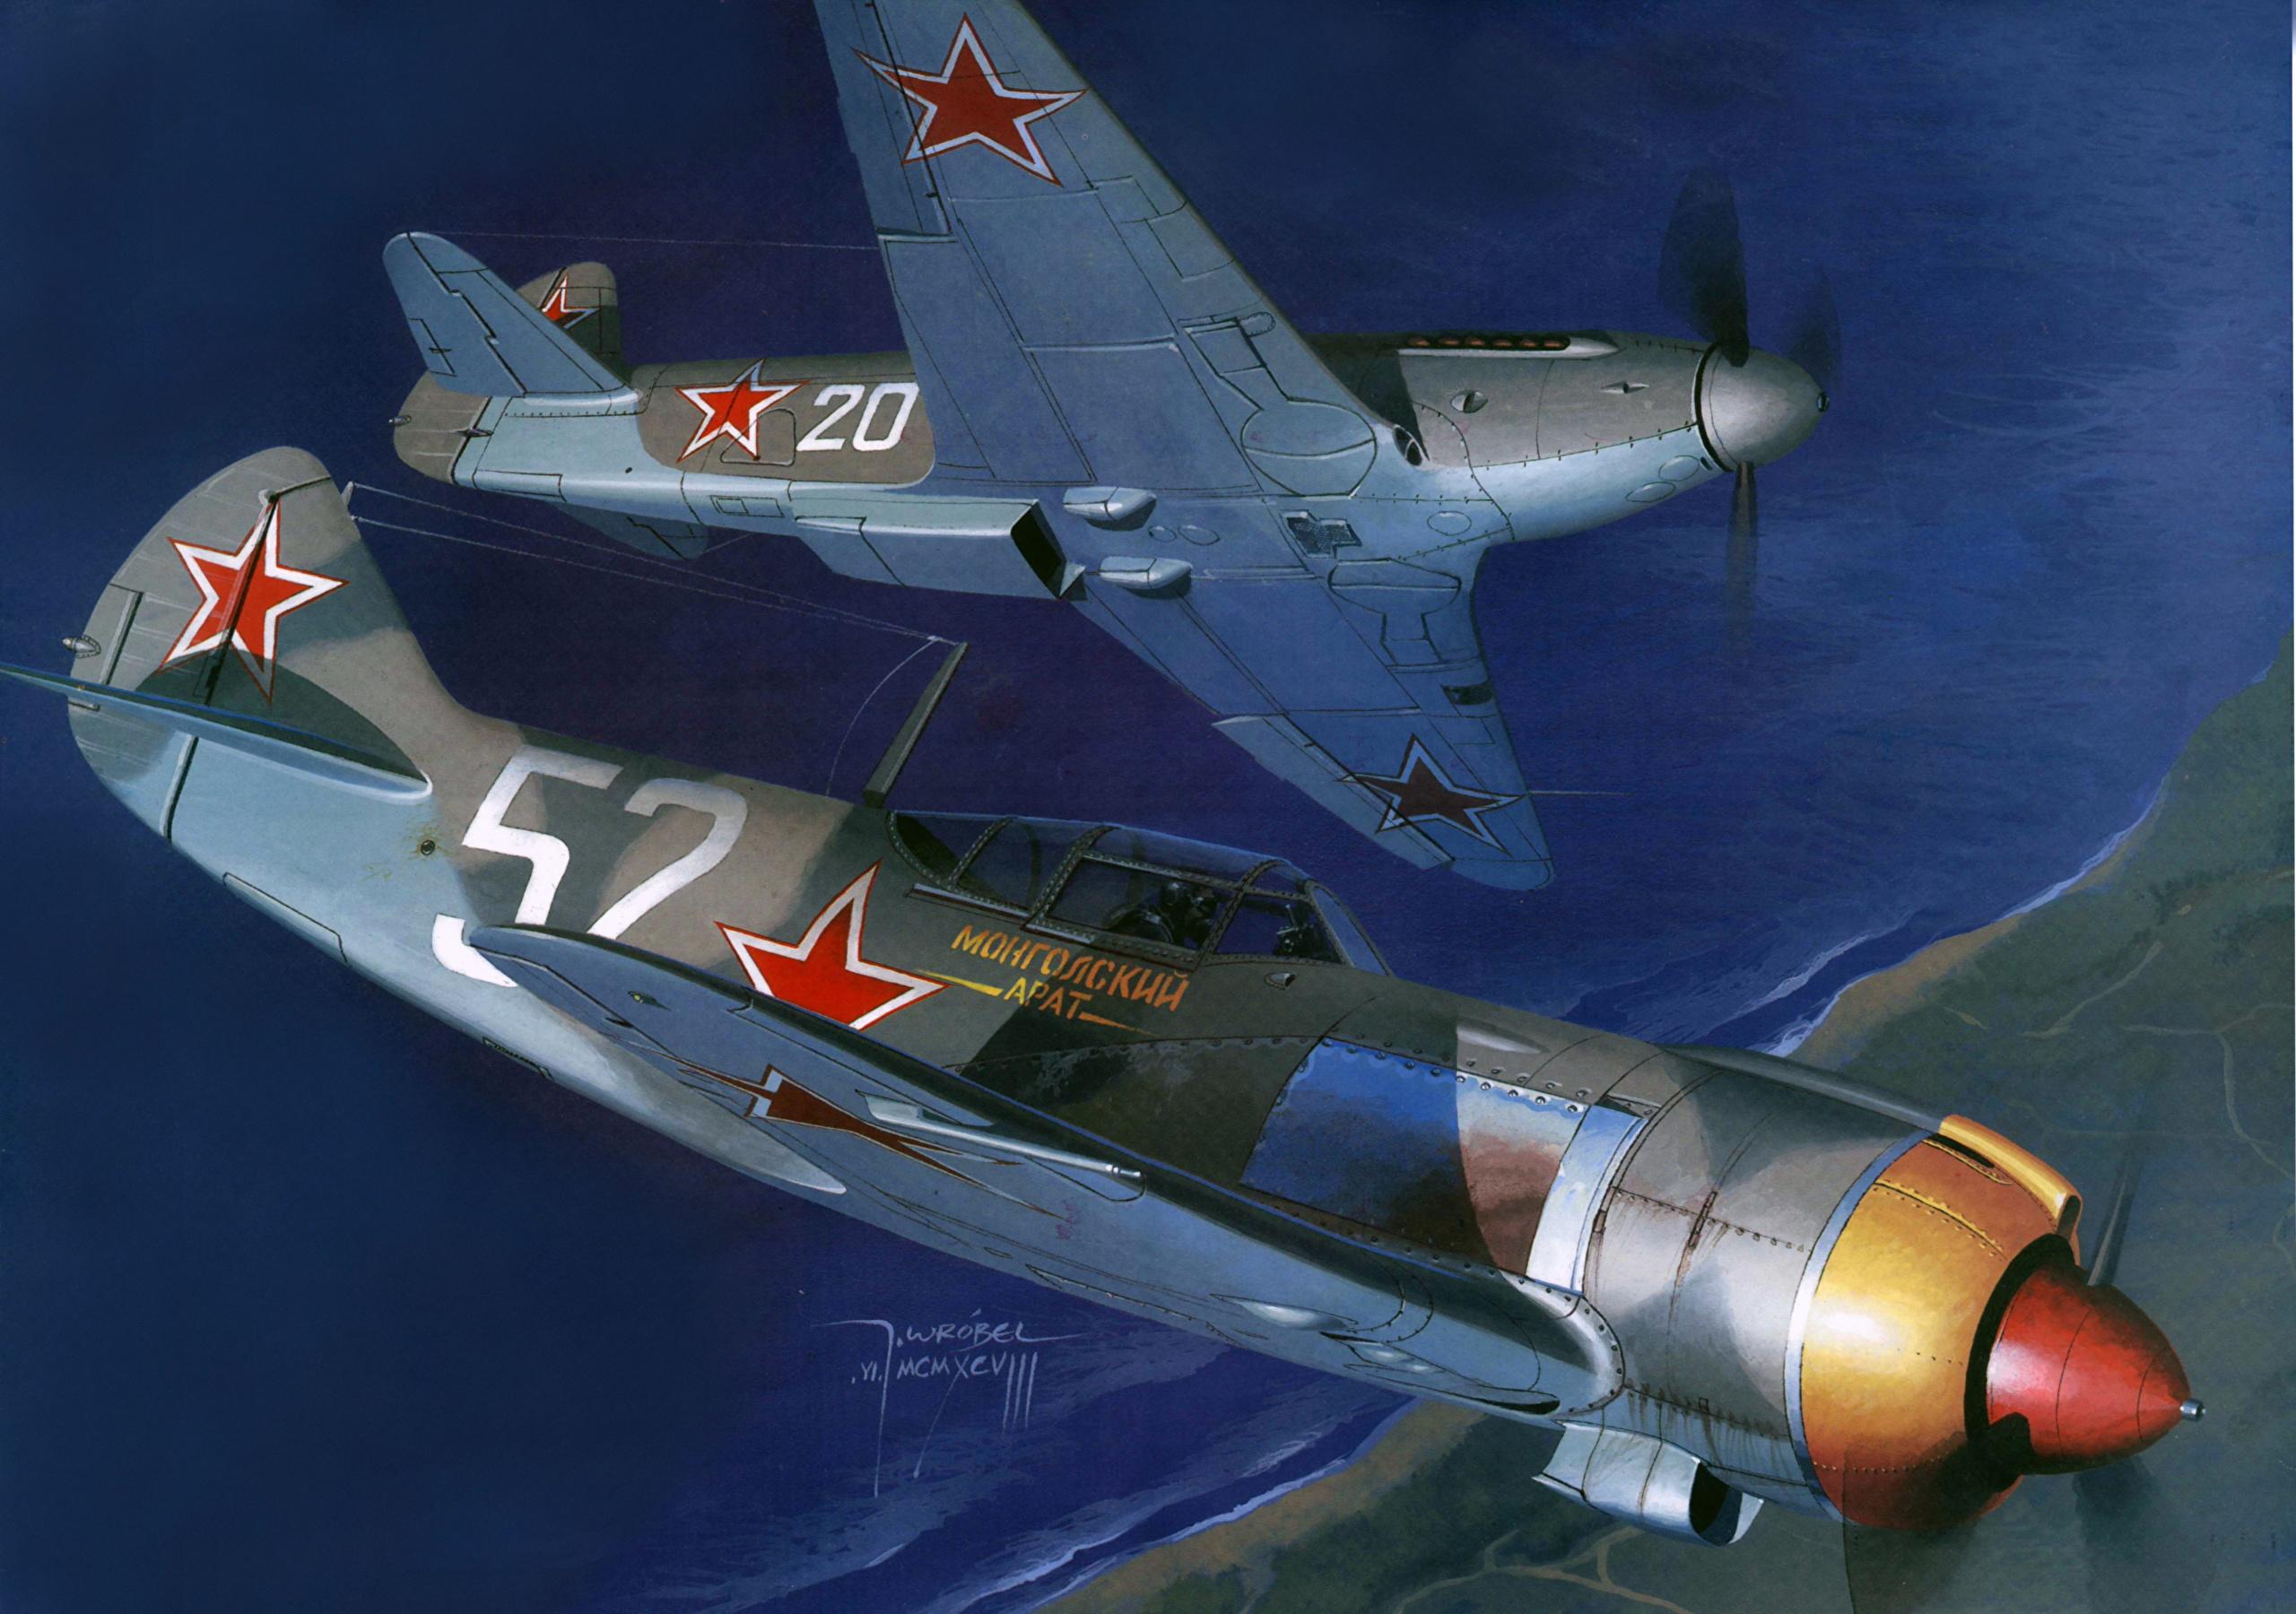 壁紙 2560x1800 飛行機 描かれた壁紙 Jak 9p La 5fn 航空